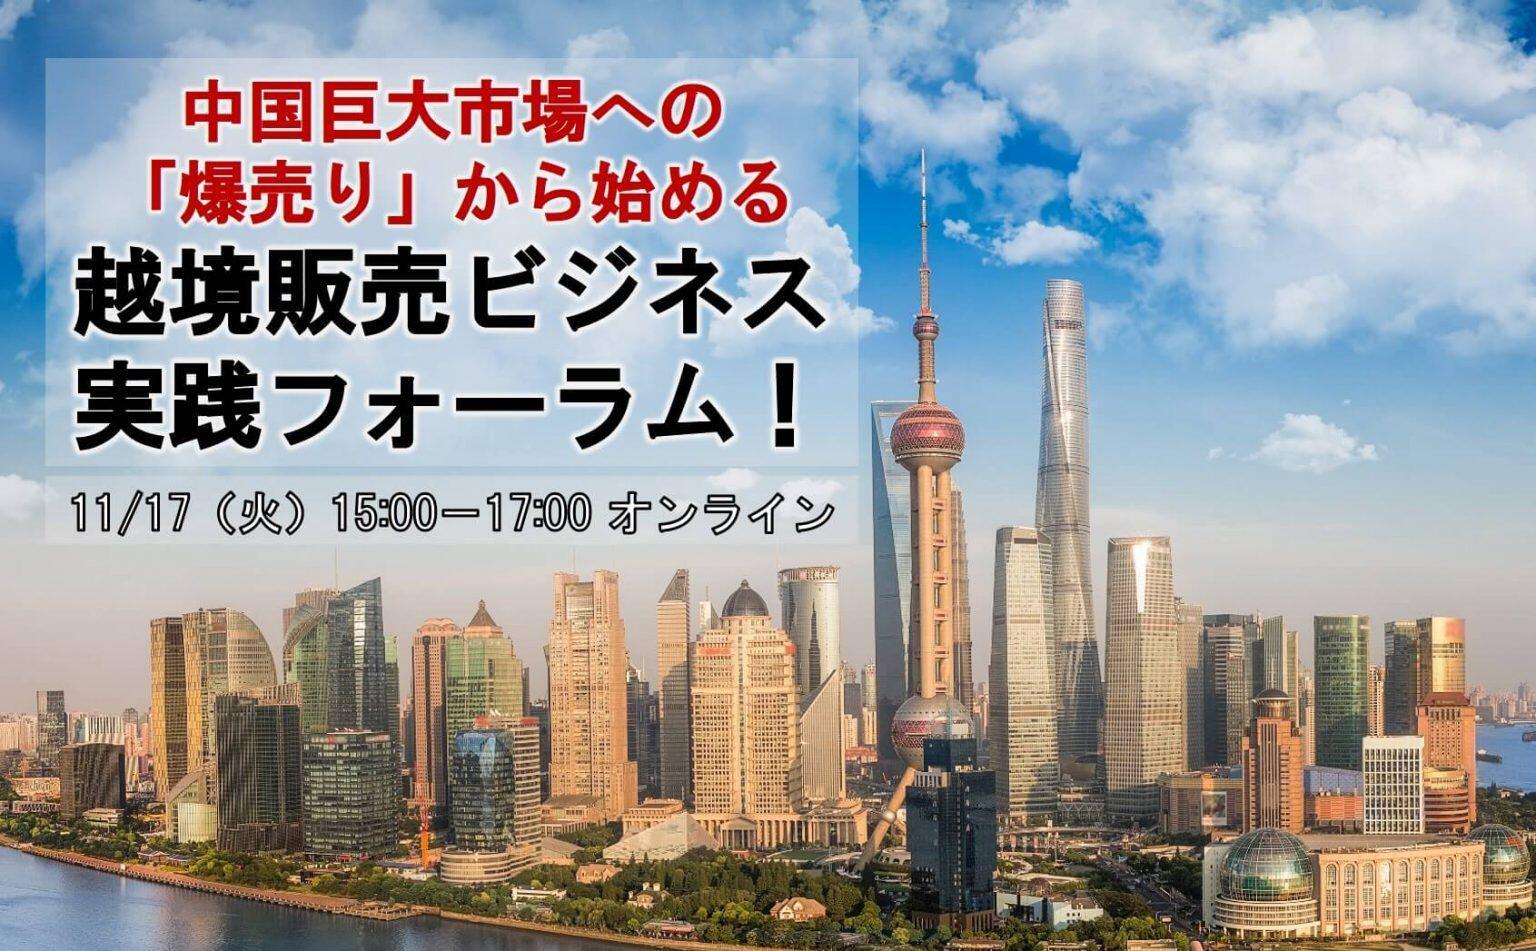 船井総研ロジ株式会社「中国巨大市場への『爆売り』から始める 越境販売ビジネス実践フォーラム!」